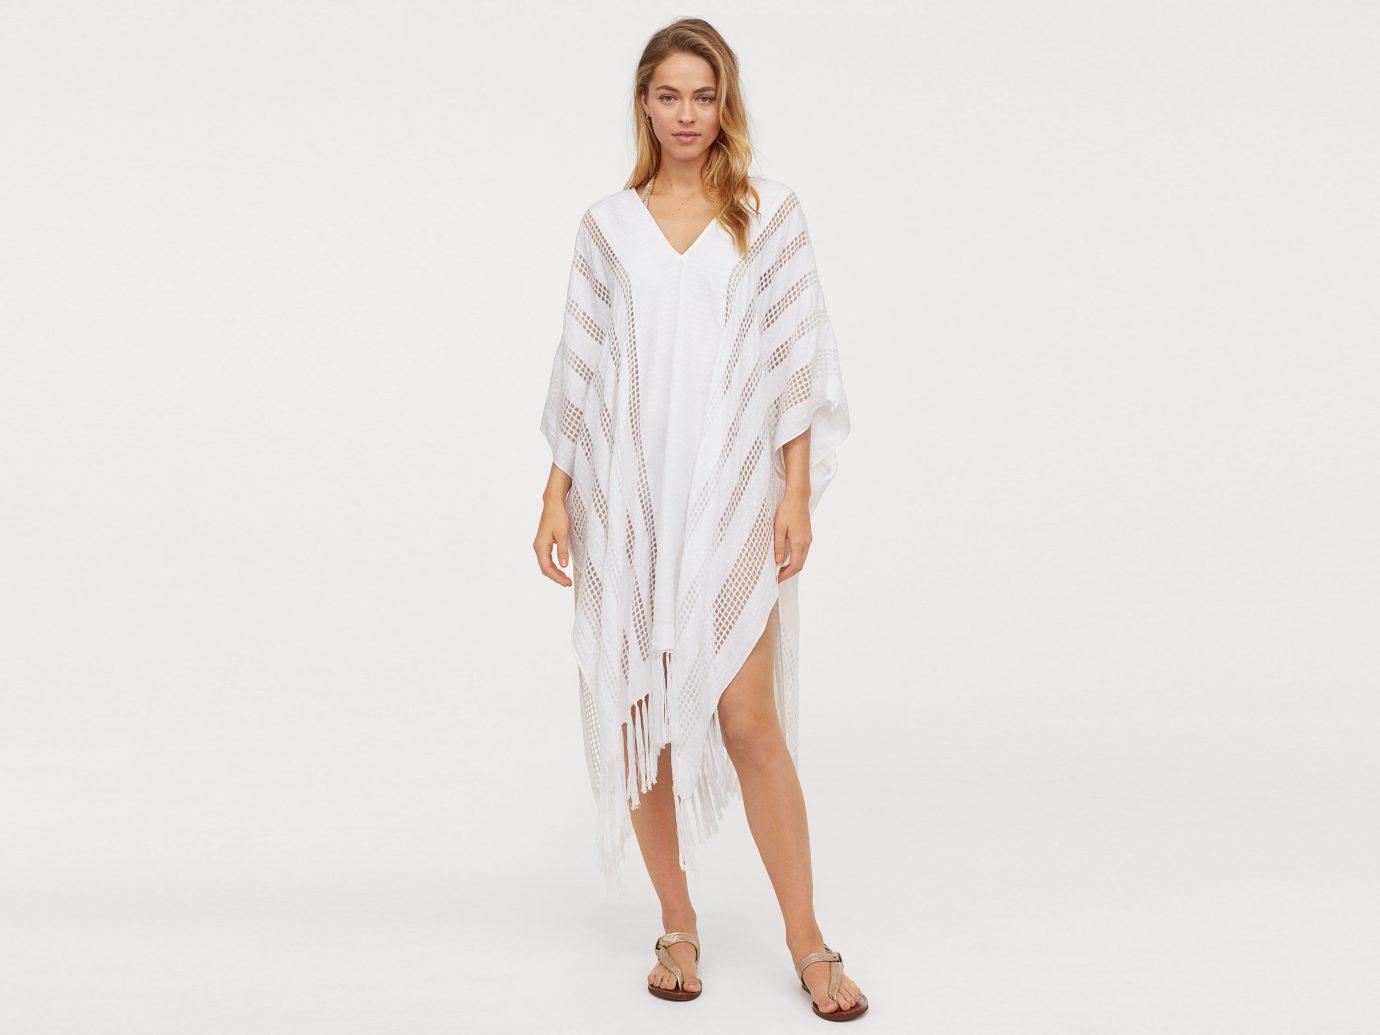 H&M Jacquard-Weave Poncho